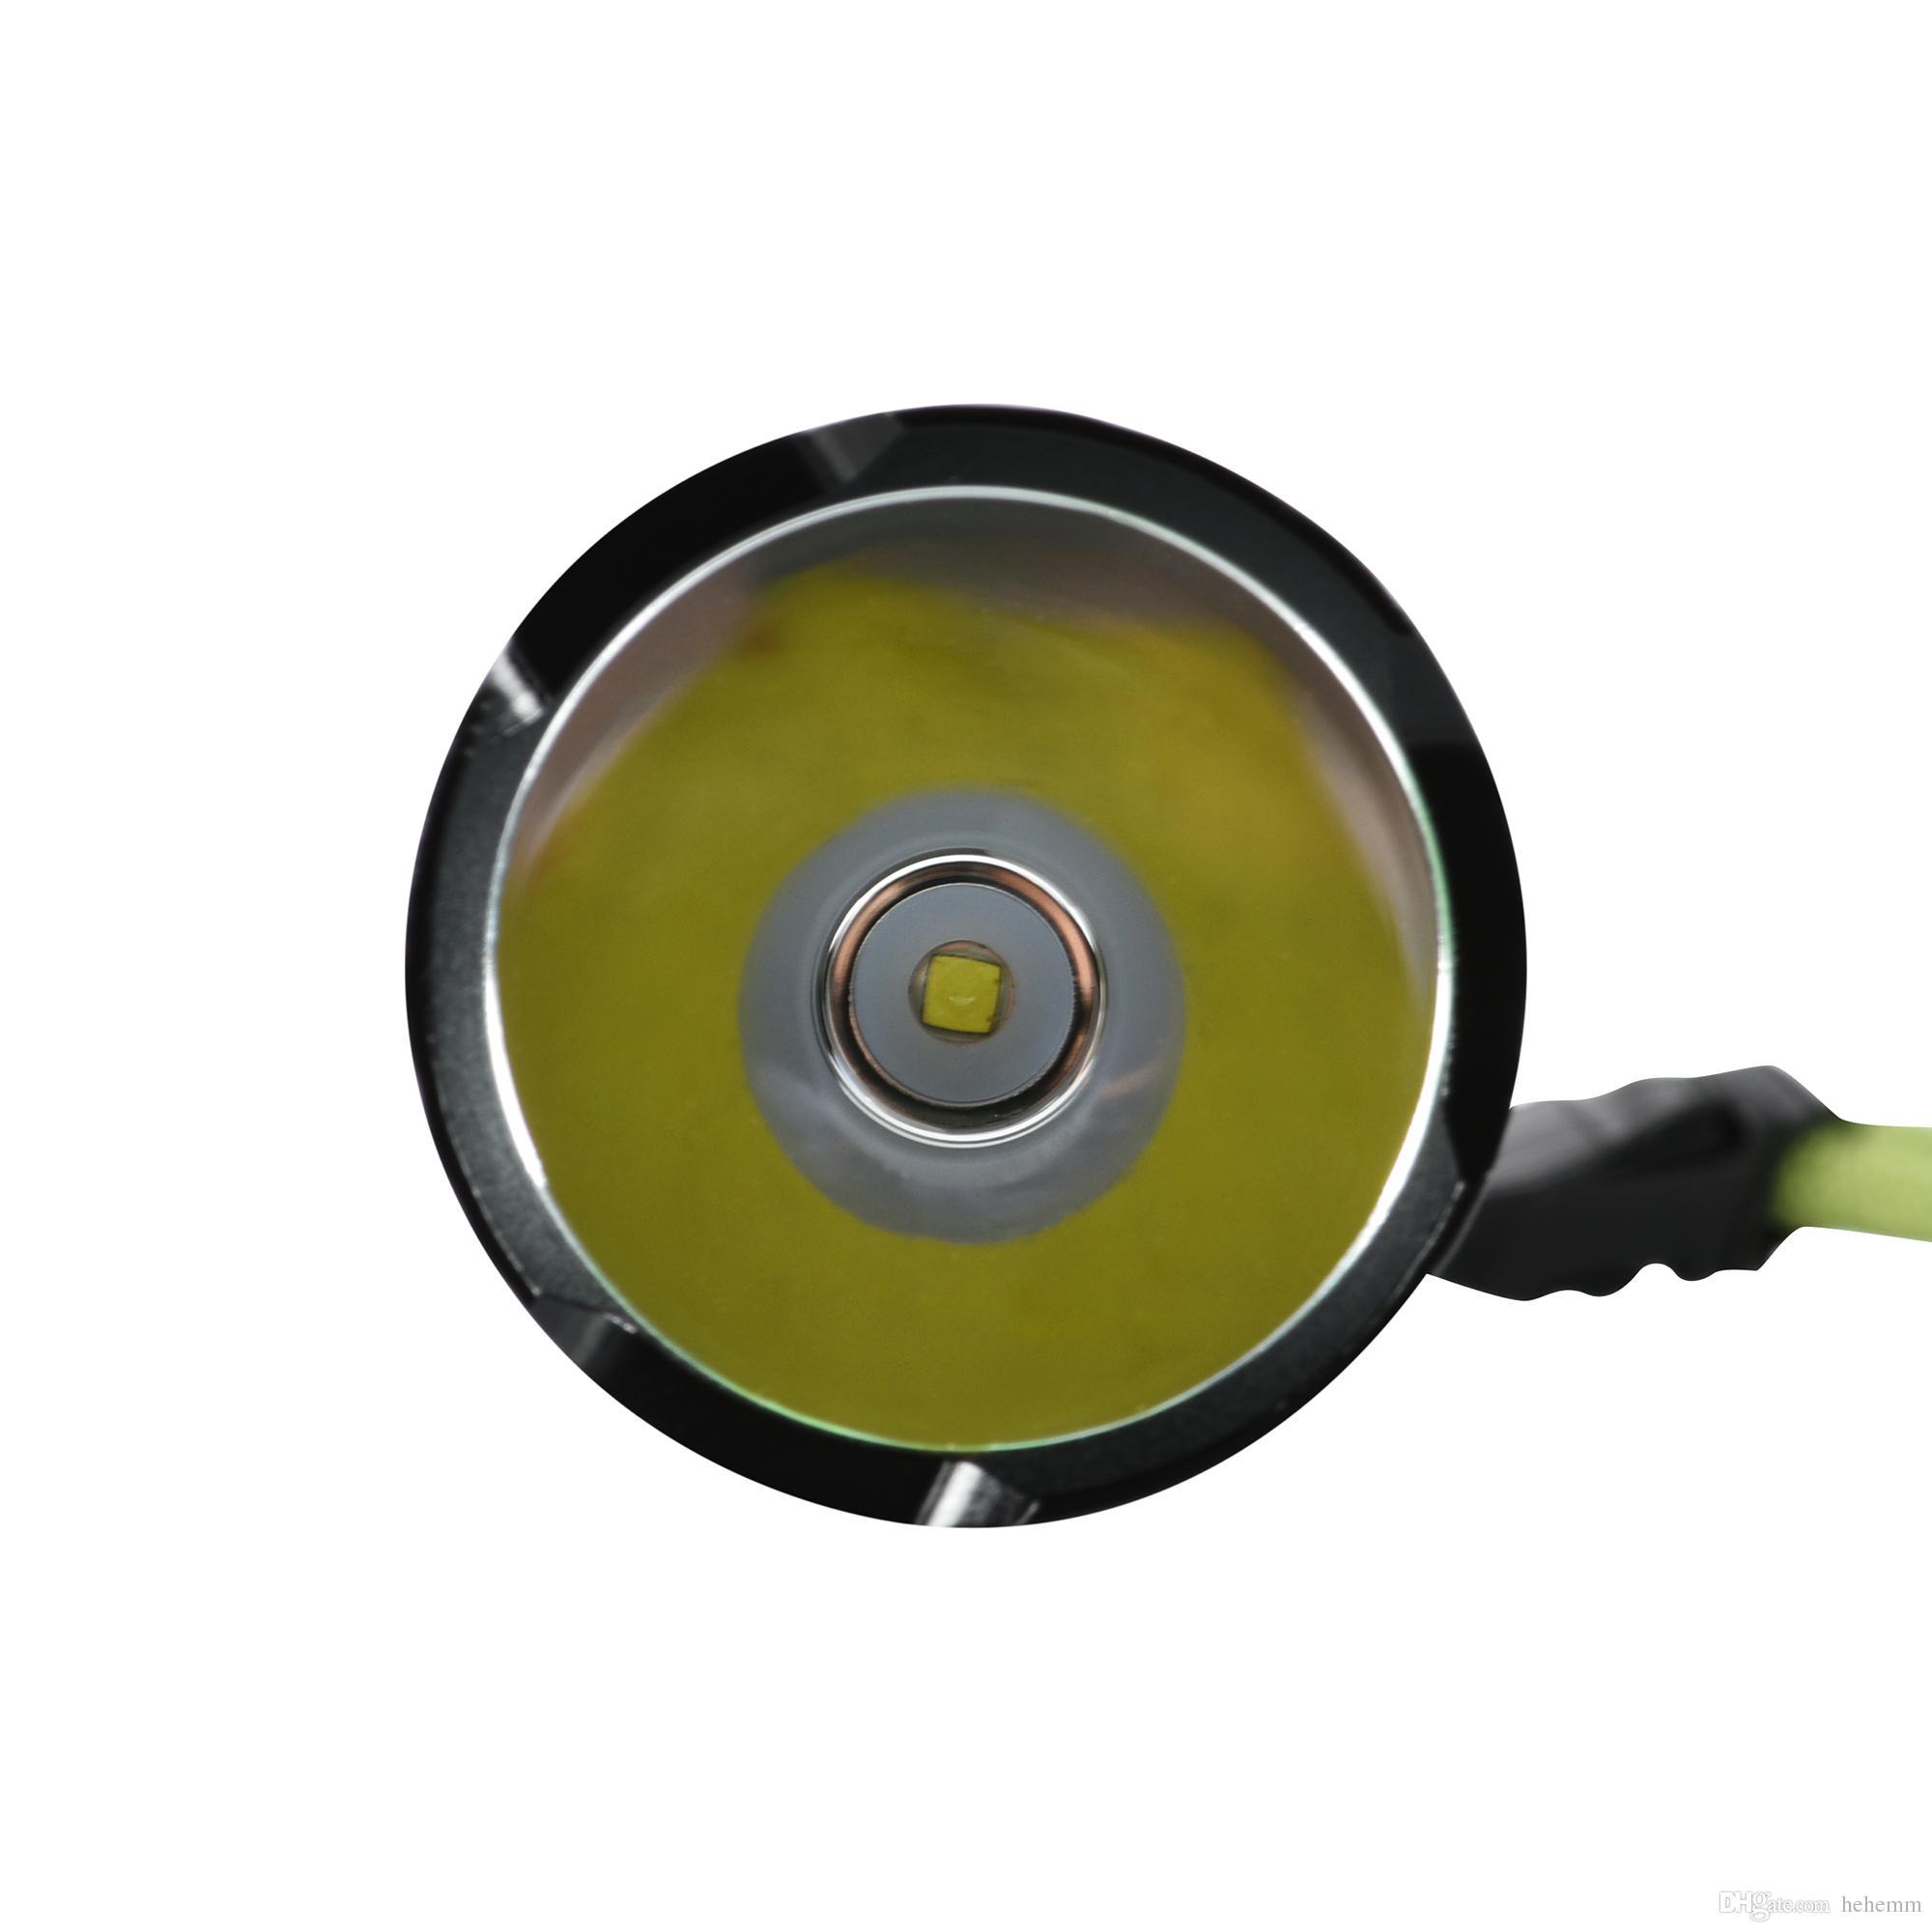 Lampe torche à DEL de 2 000 lumens ultra-brillante avec interrupteur pour bouton arrière contrôlée par 5 modes, noir sans pile